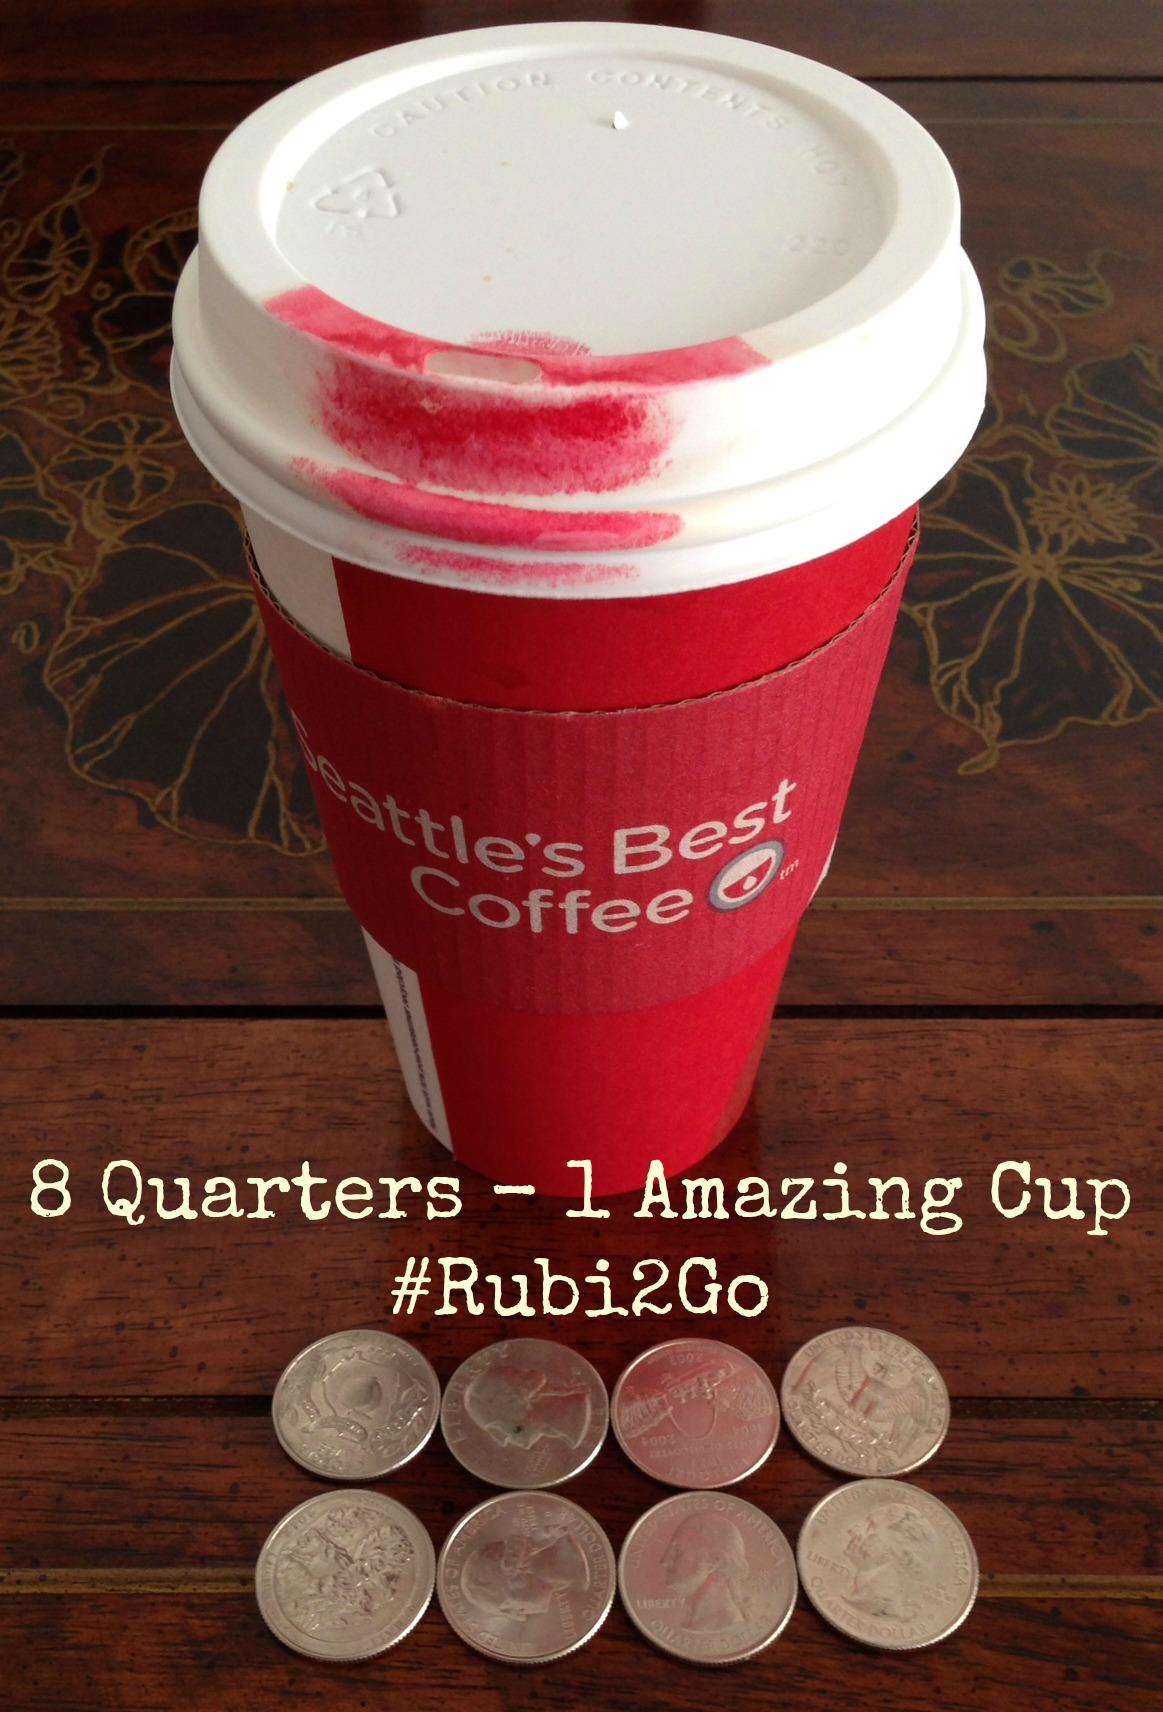 8 Quarters #Rubi2Go